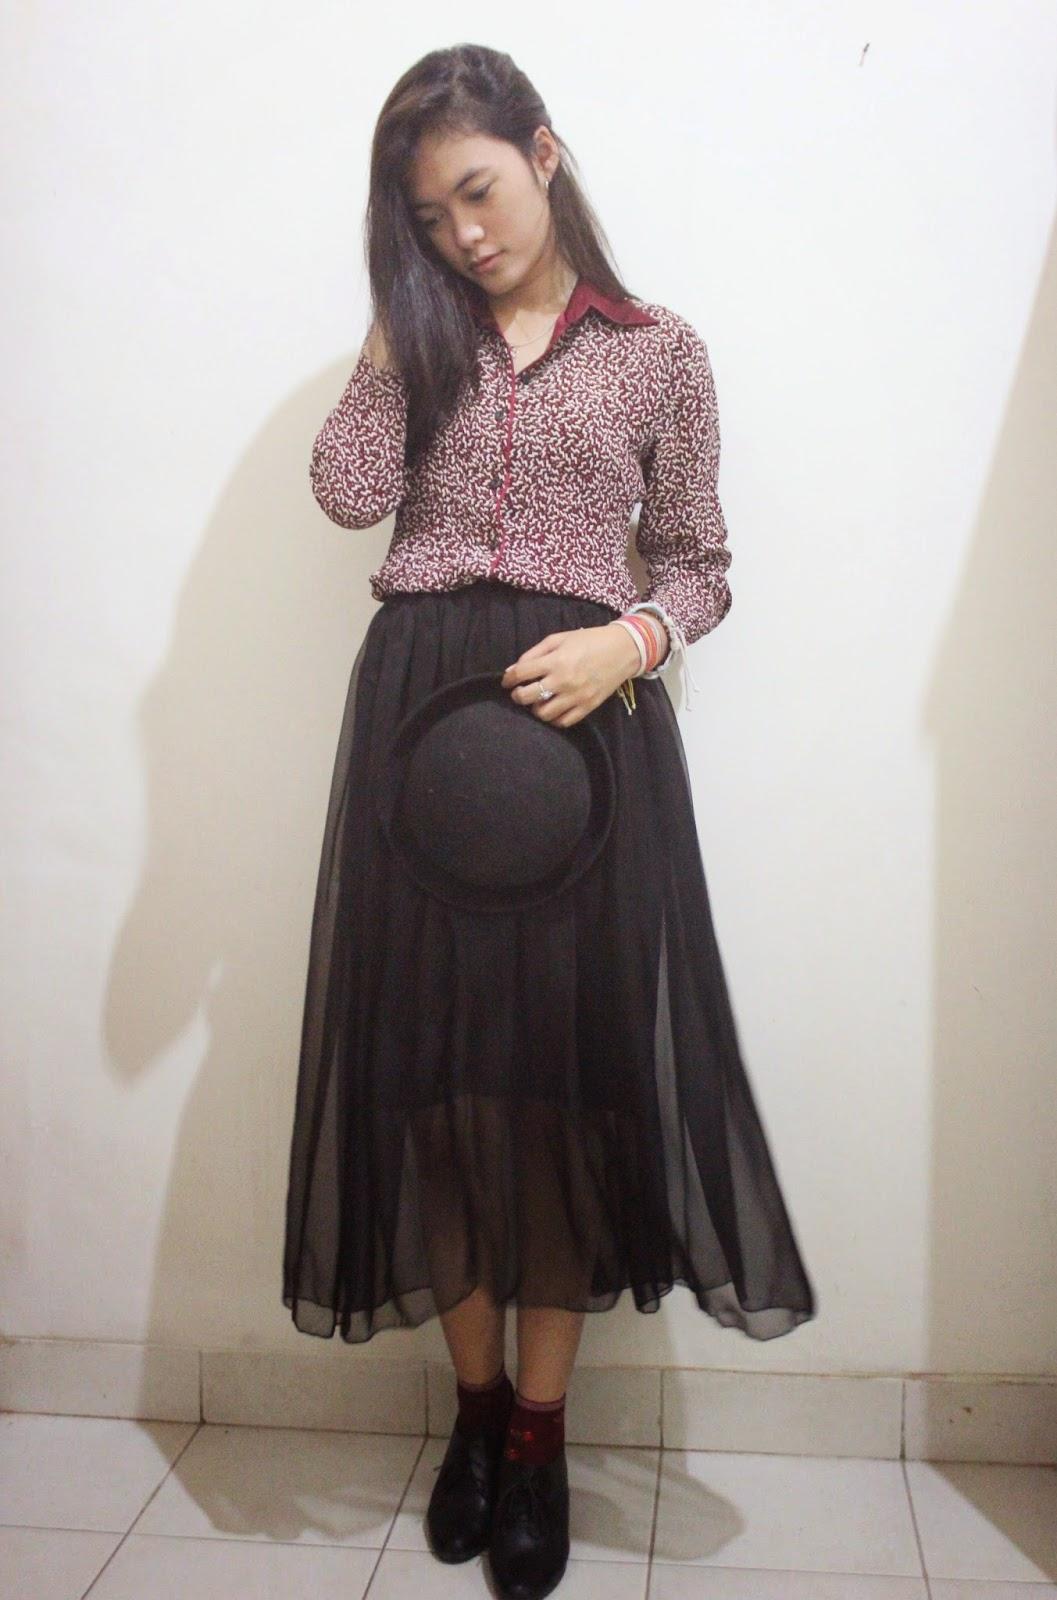 864945d5938 Vintage Dress Online Shop Indonesia - Gomes Weine AG